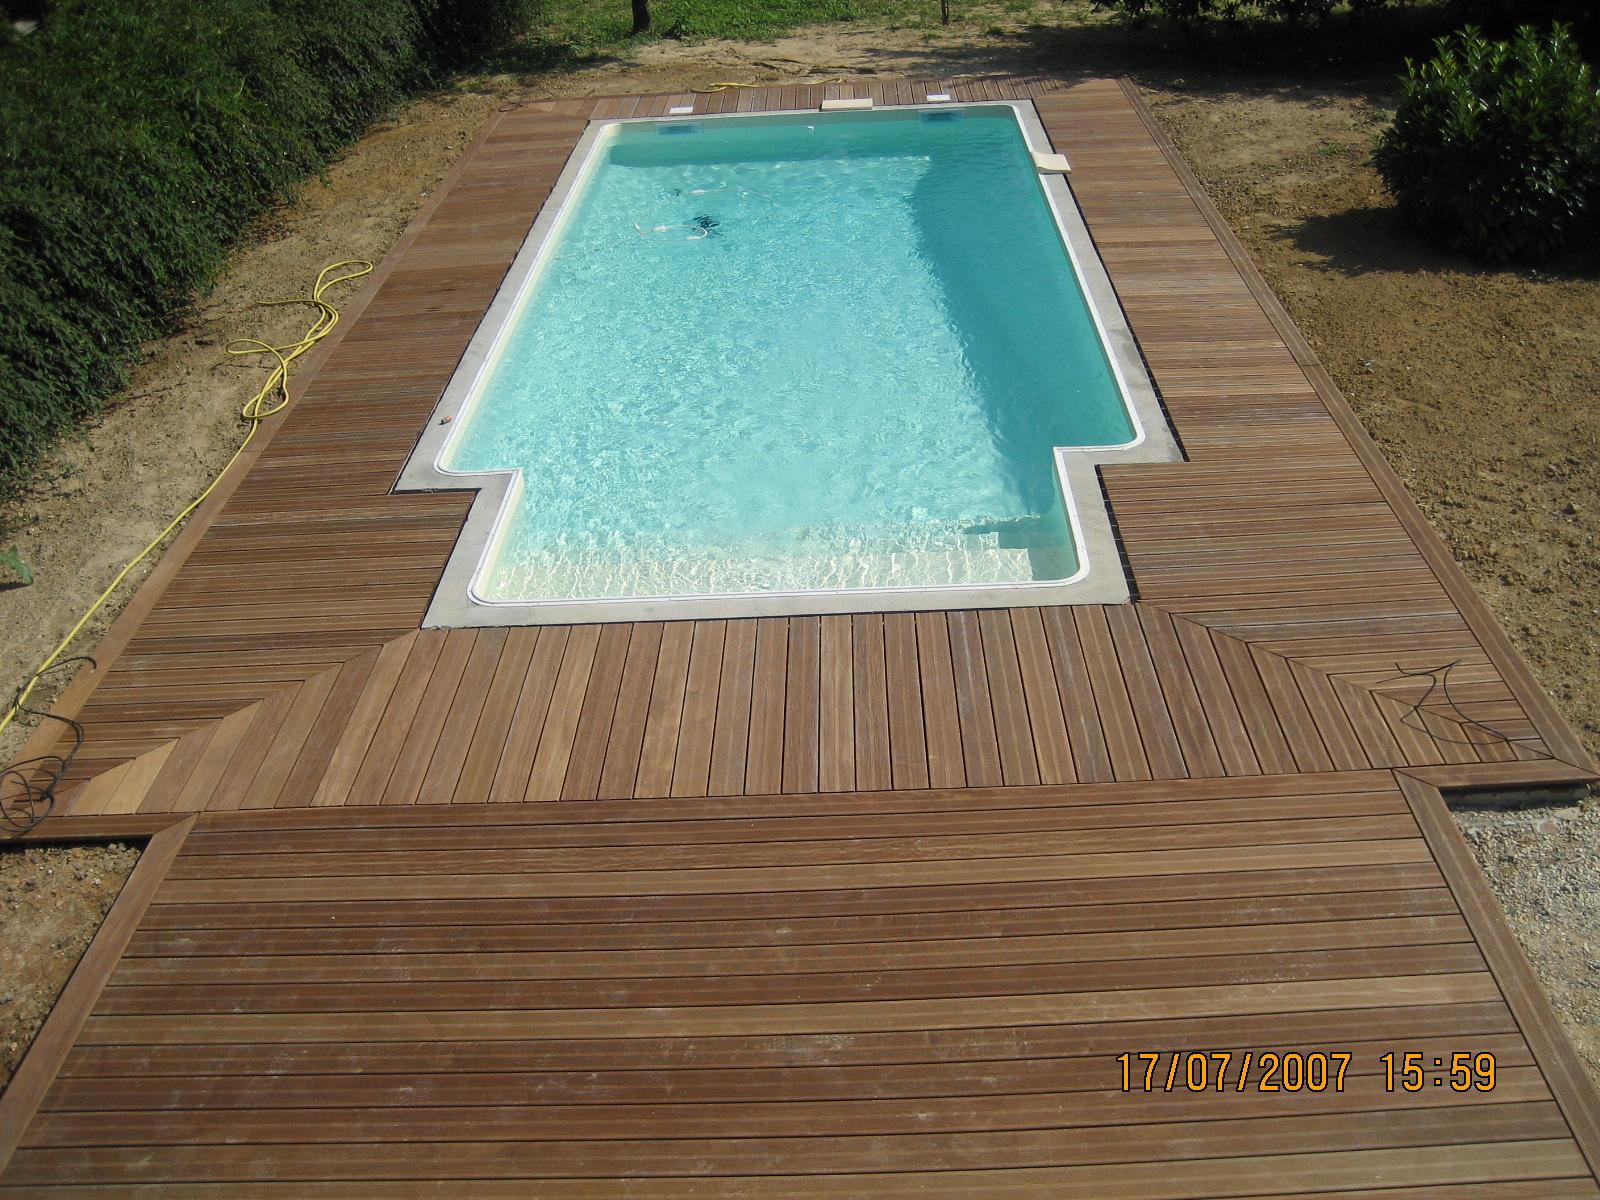 Terrasse de piscine en caillebotis menuiserie charpente couverture - Caillebotis bois pour piscine ...